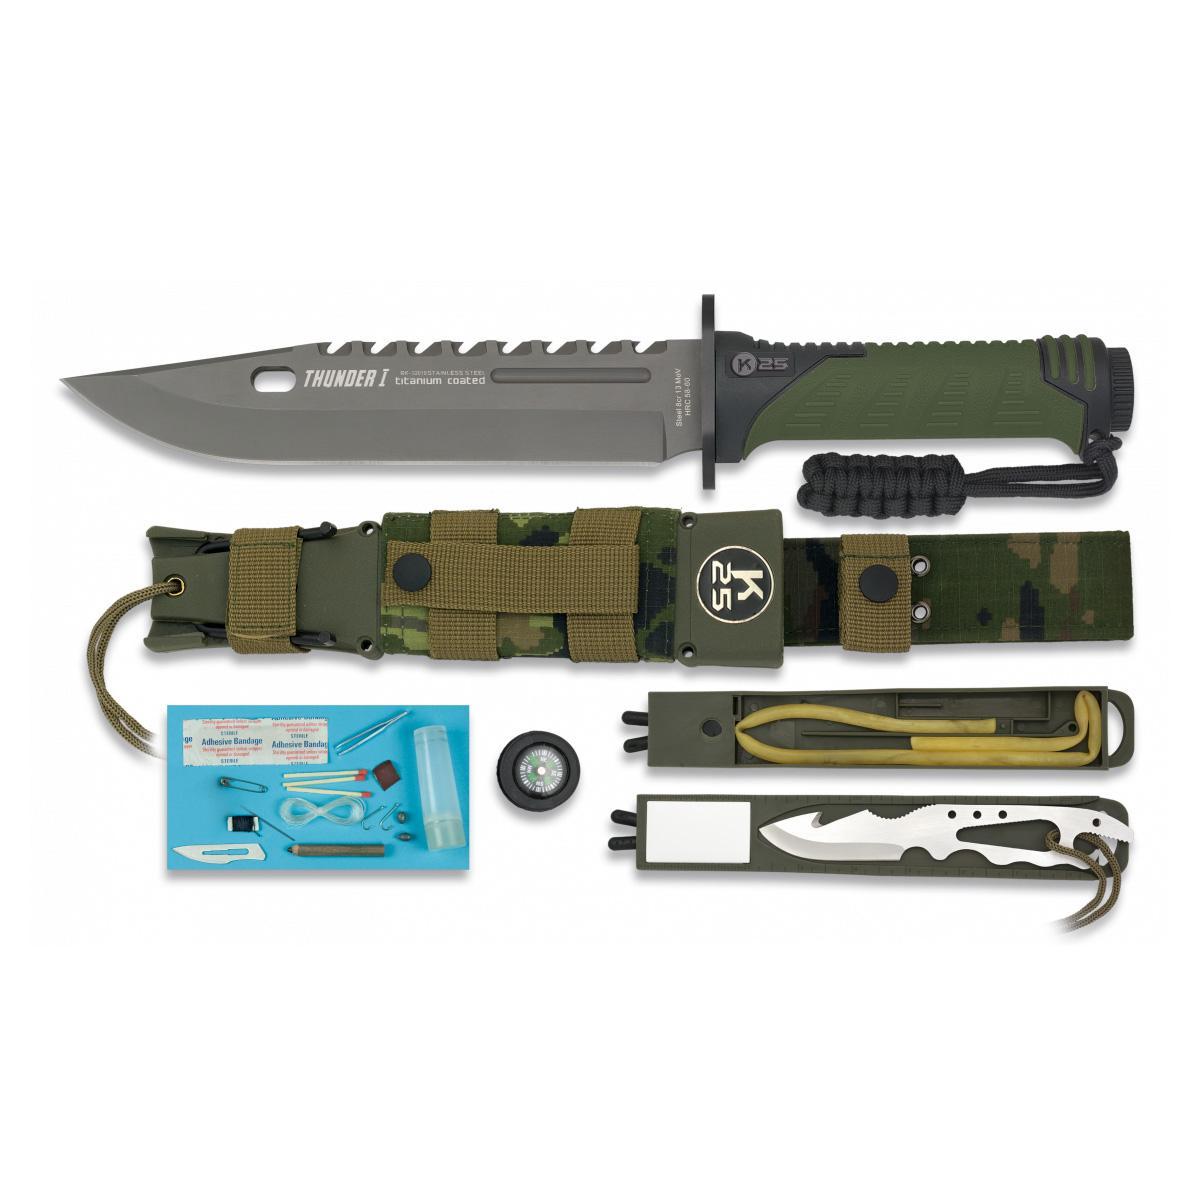 Cuchillo Tactico K25 THUNDER I Army